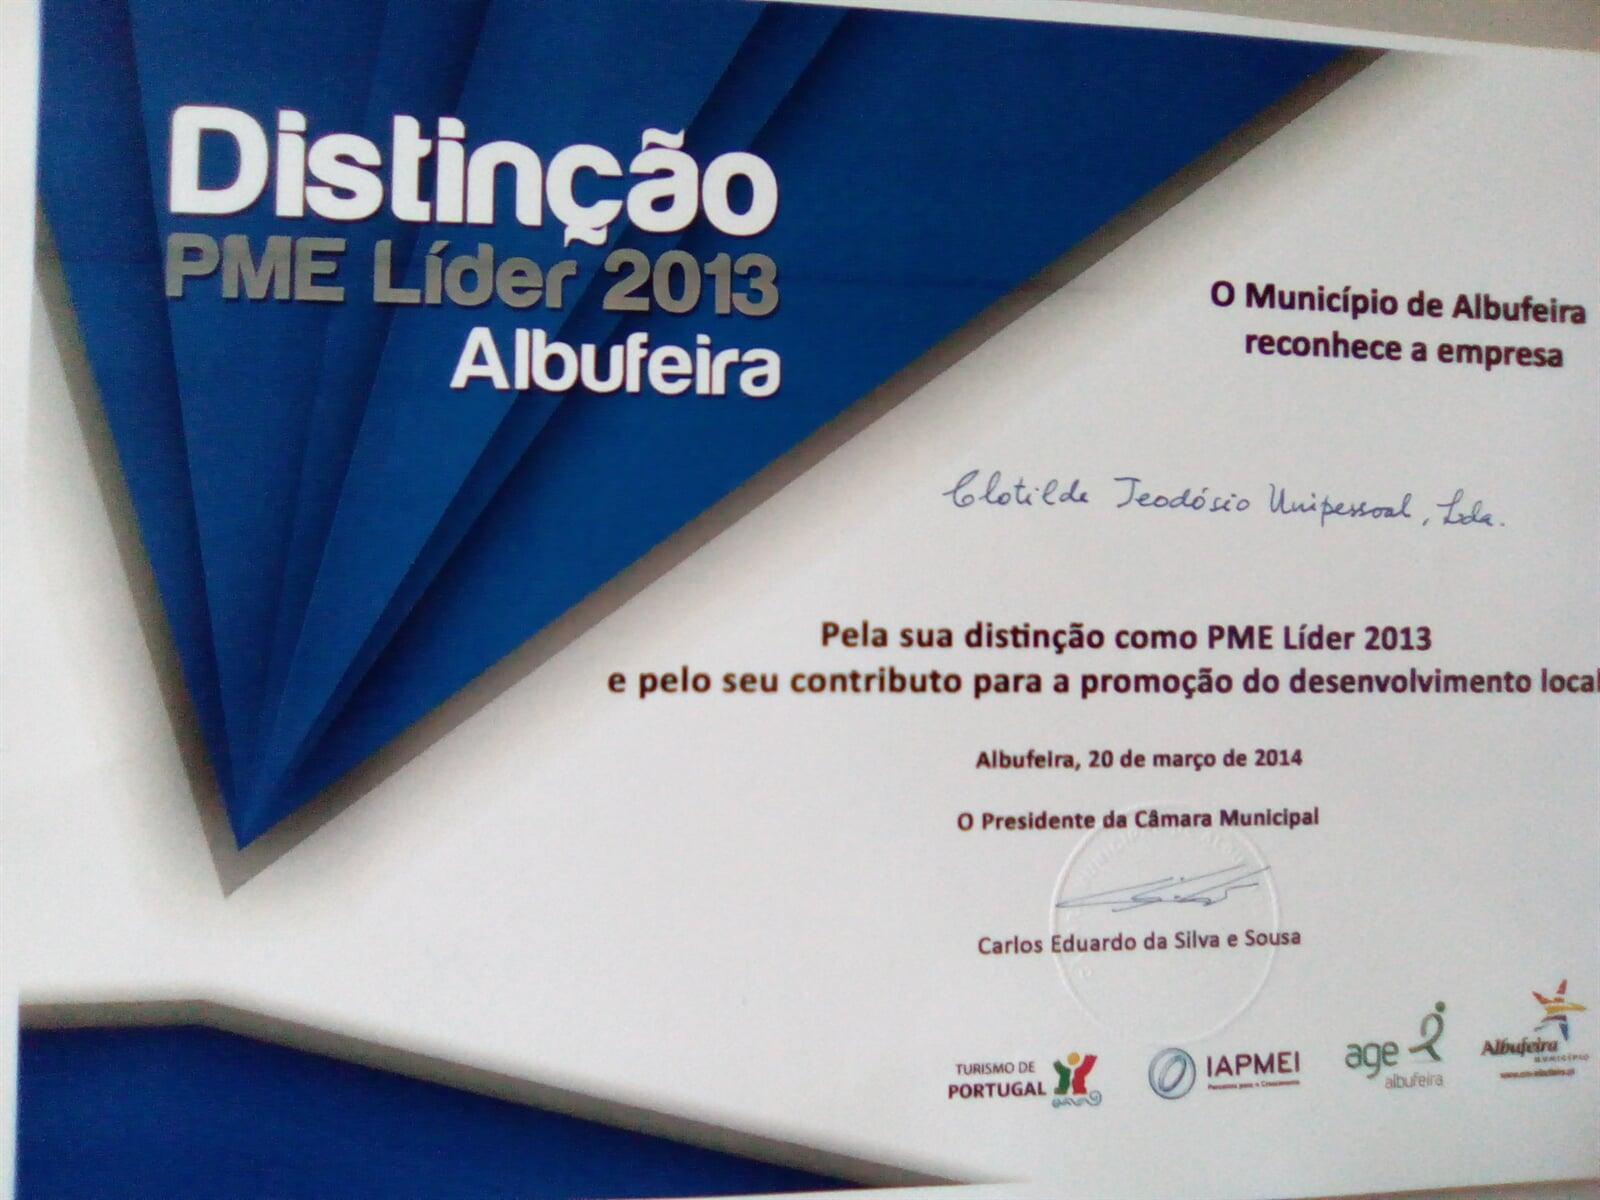 Diploma Distinção PME Líder - Albufeira